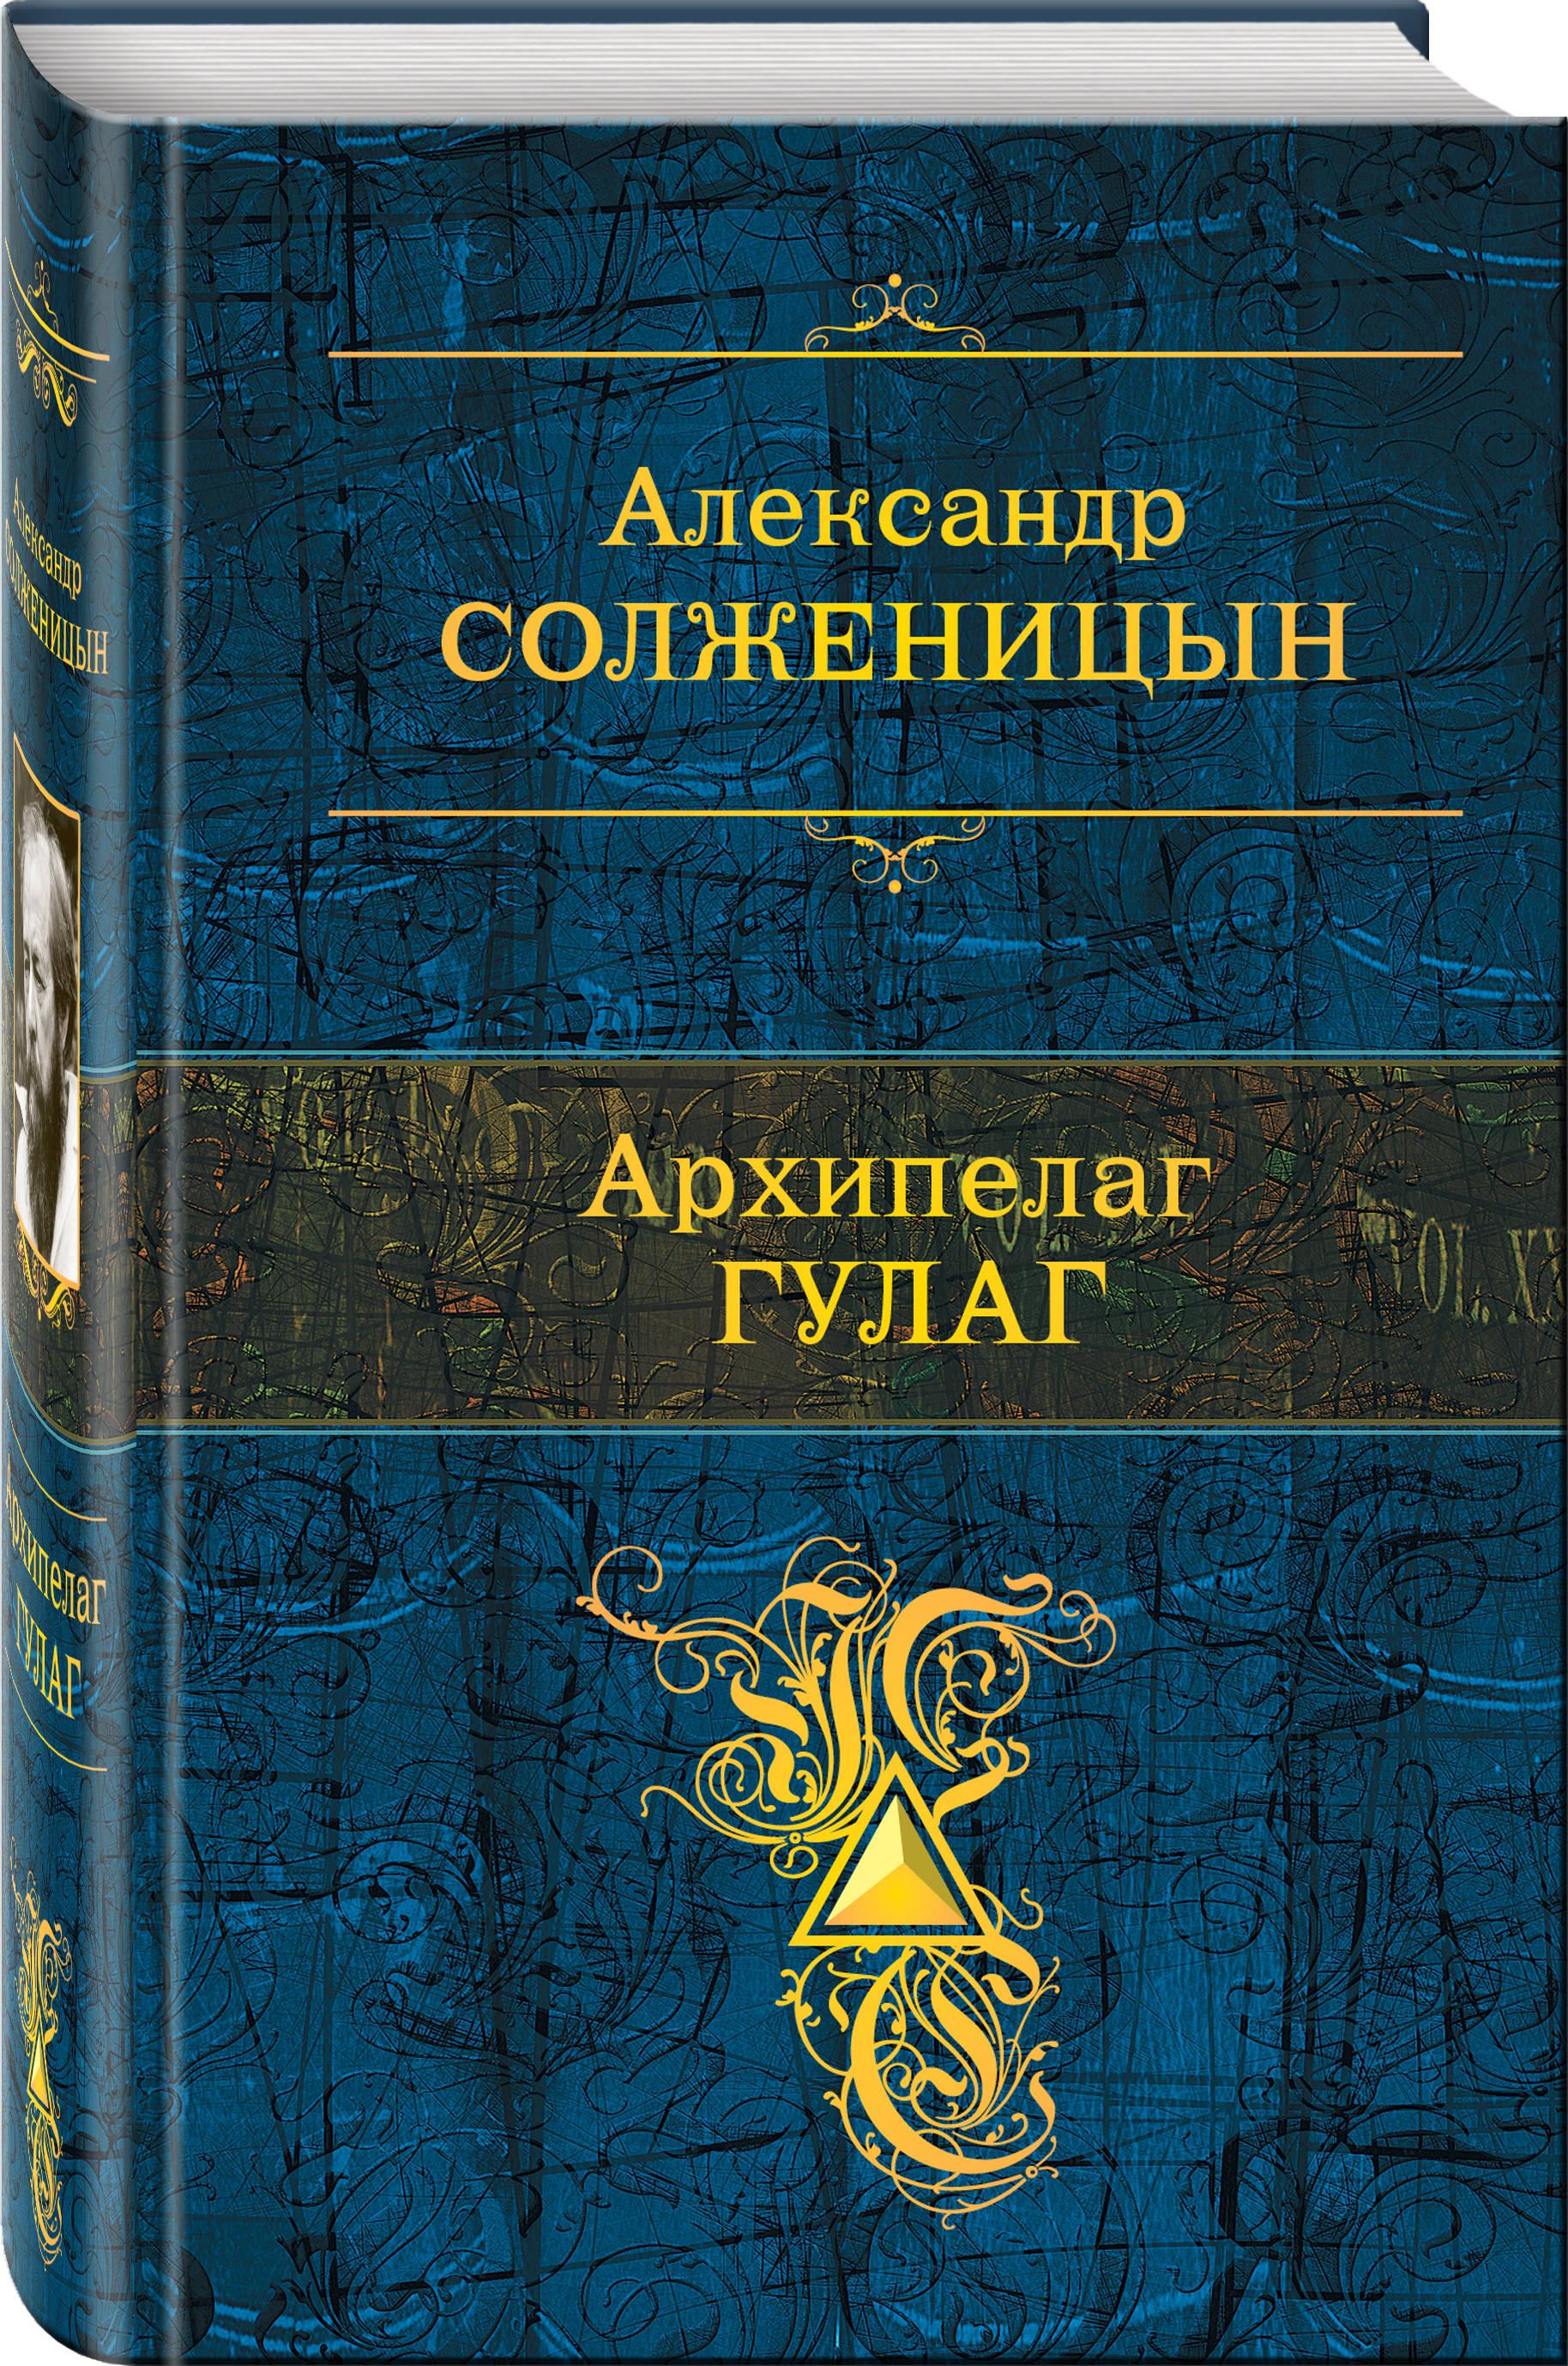 Александр Солженицын Архипелаг ГУЛАГ автор не указан александр кайдановский в воспоминаниях и фотографиях